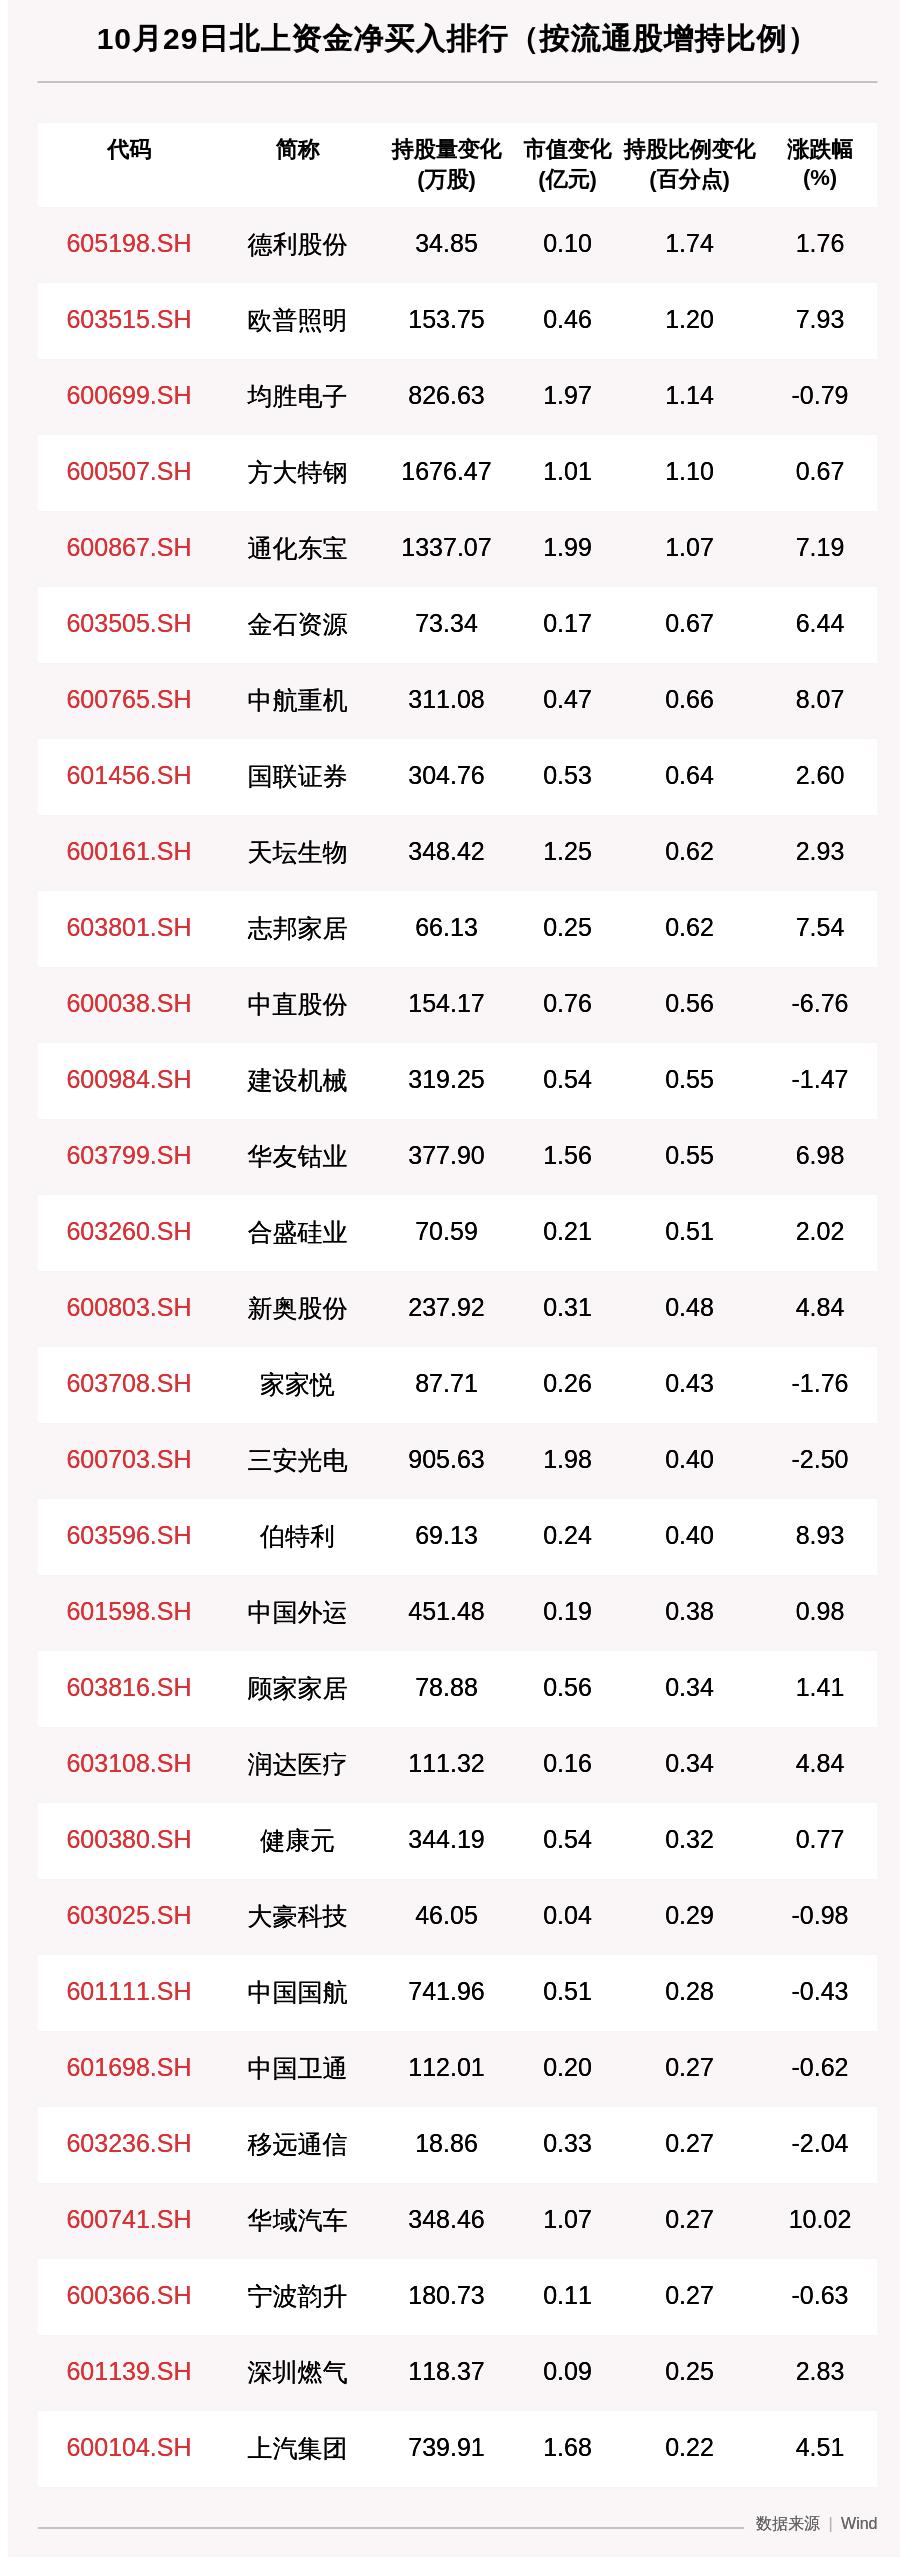 北向资金动向曝光:10月29日这30只个股被猛烈扫货(附名单)